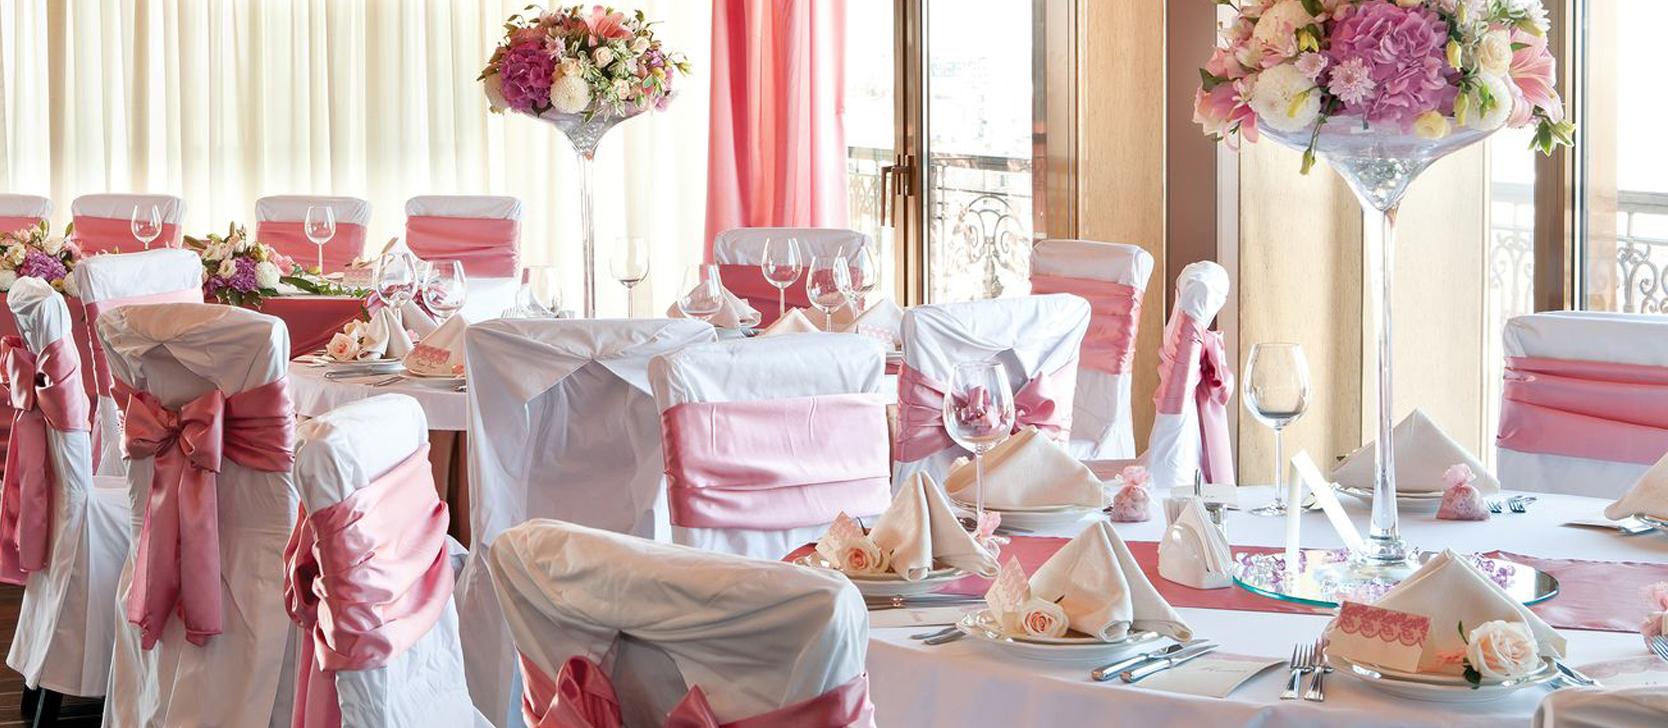 restoran-dlya-svadby